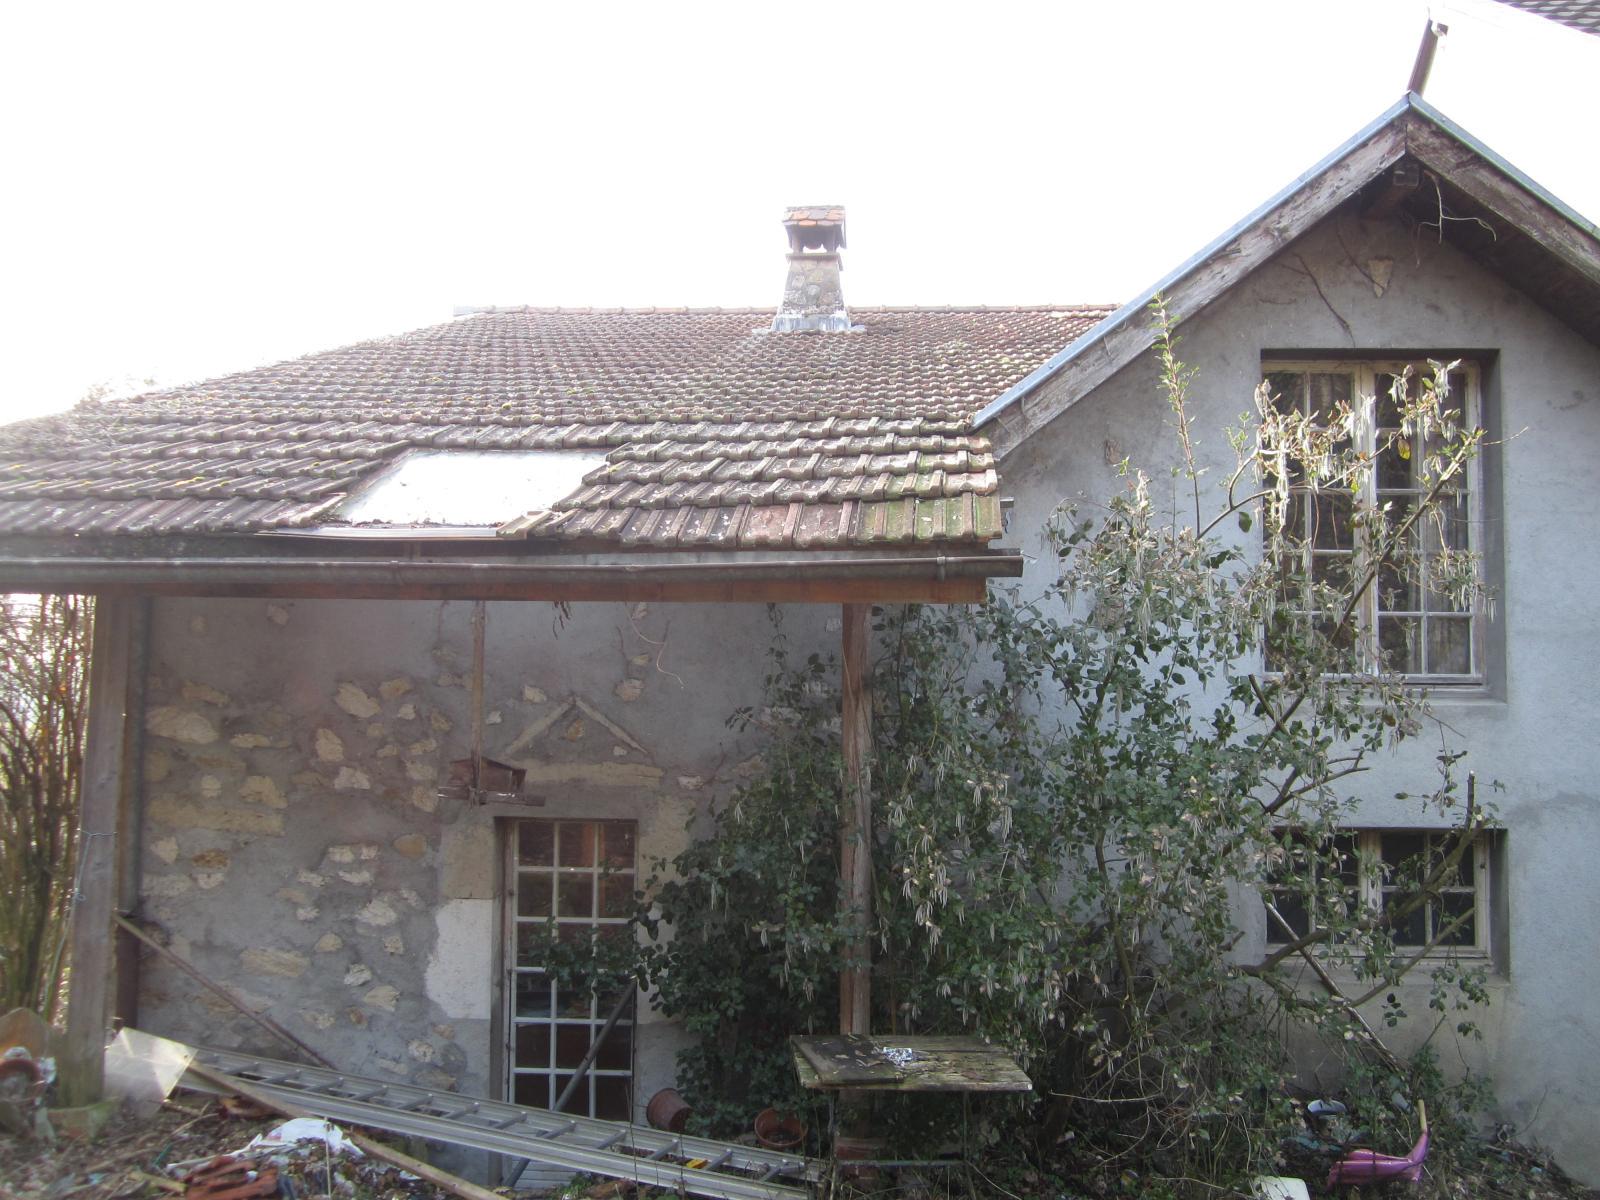 EXCLUSIVITE Collonges-sous Salève Maison en pierre de 1710 à rénover... VENDU PAR LE CABINET